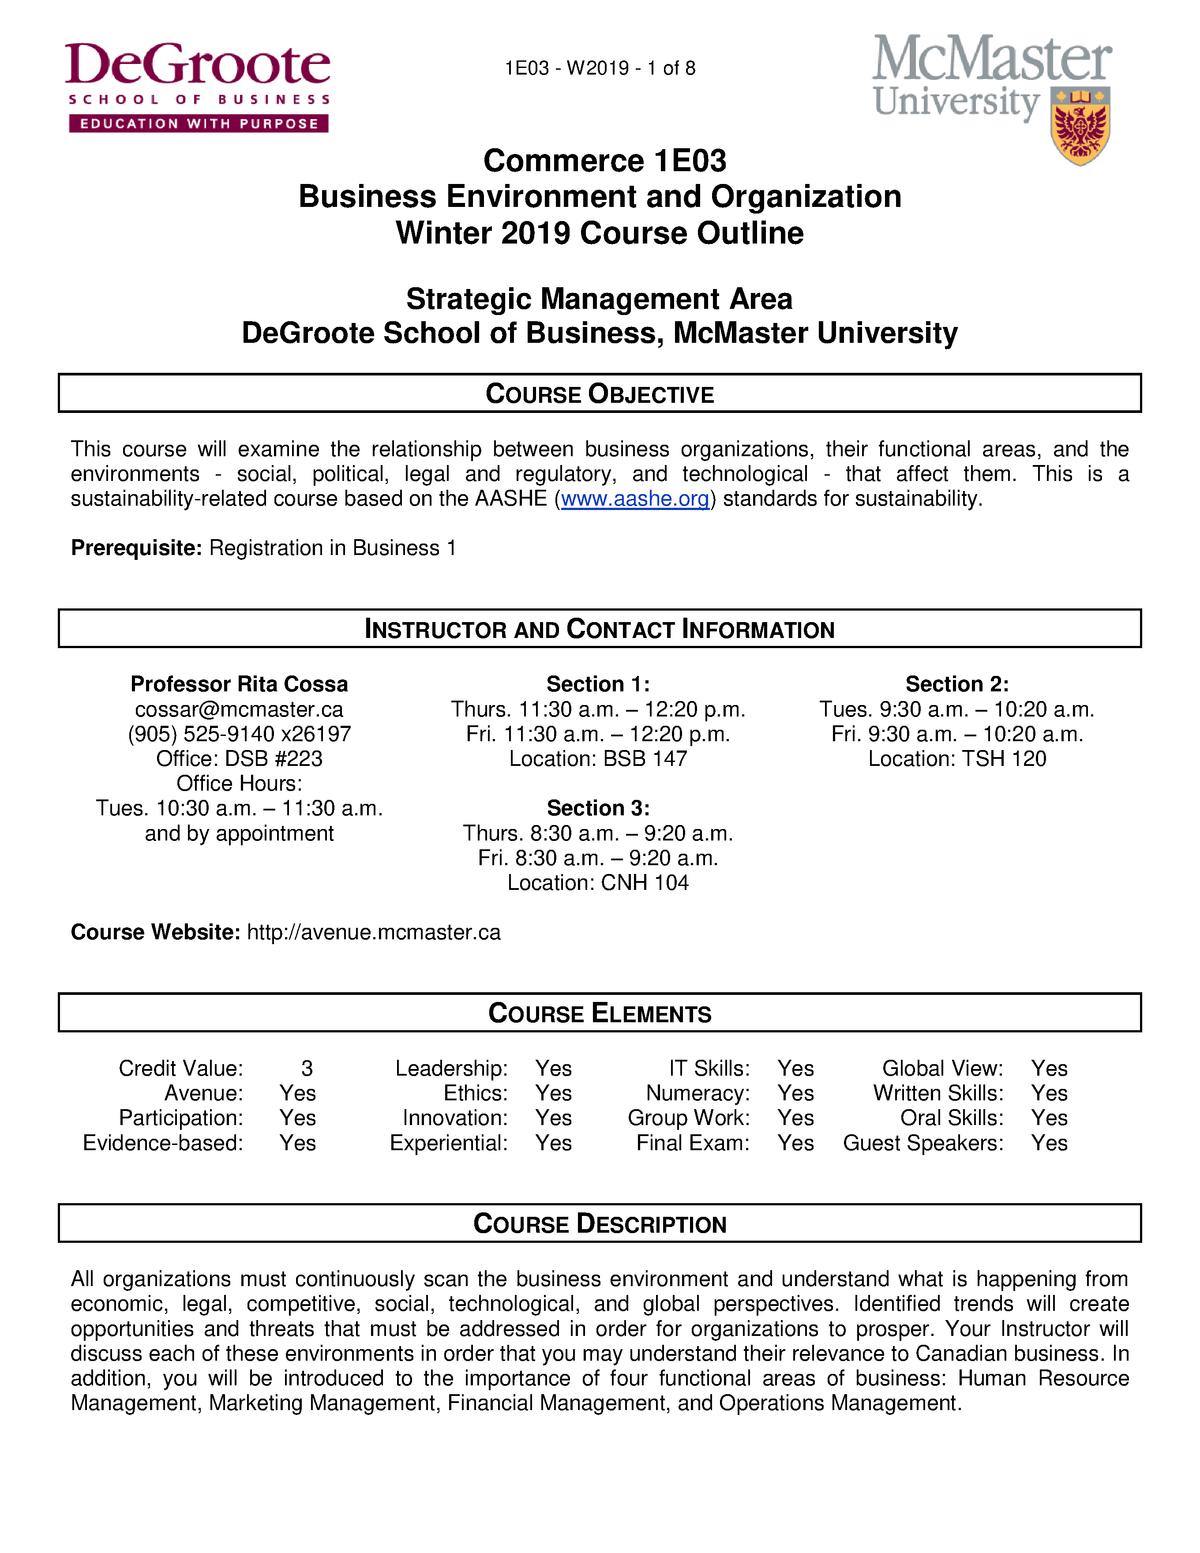 Exam 2019 - 1EO3: Commerce - StuDocu